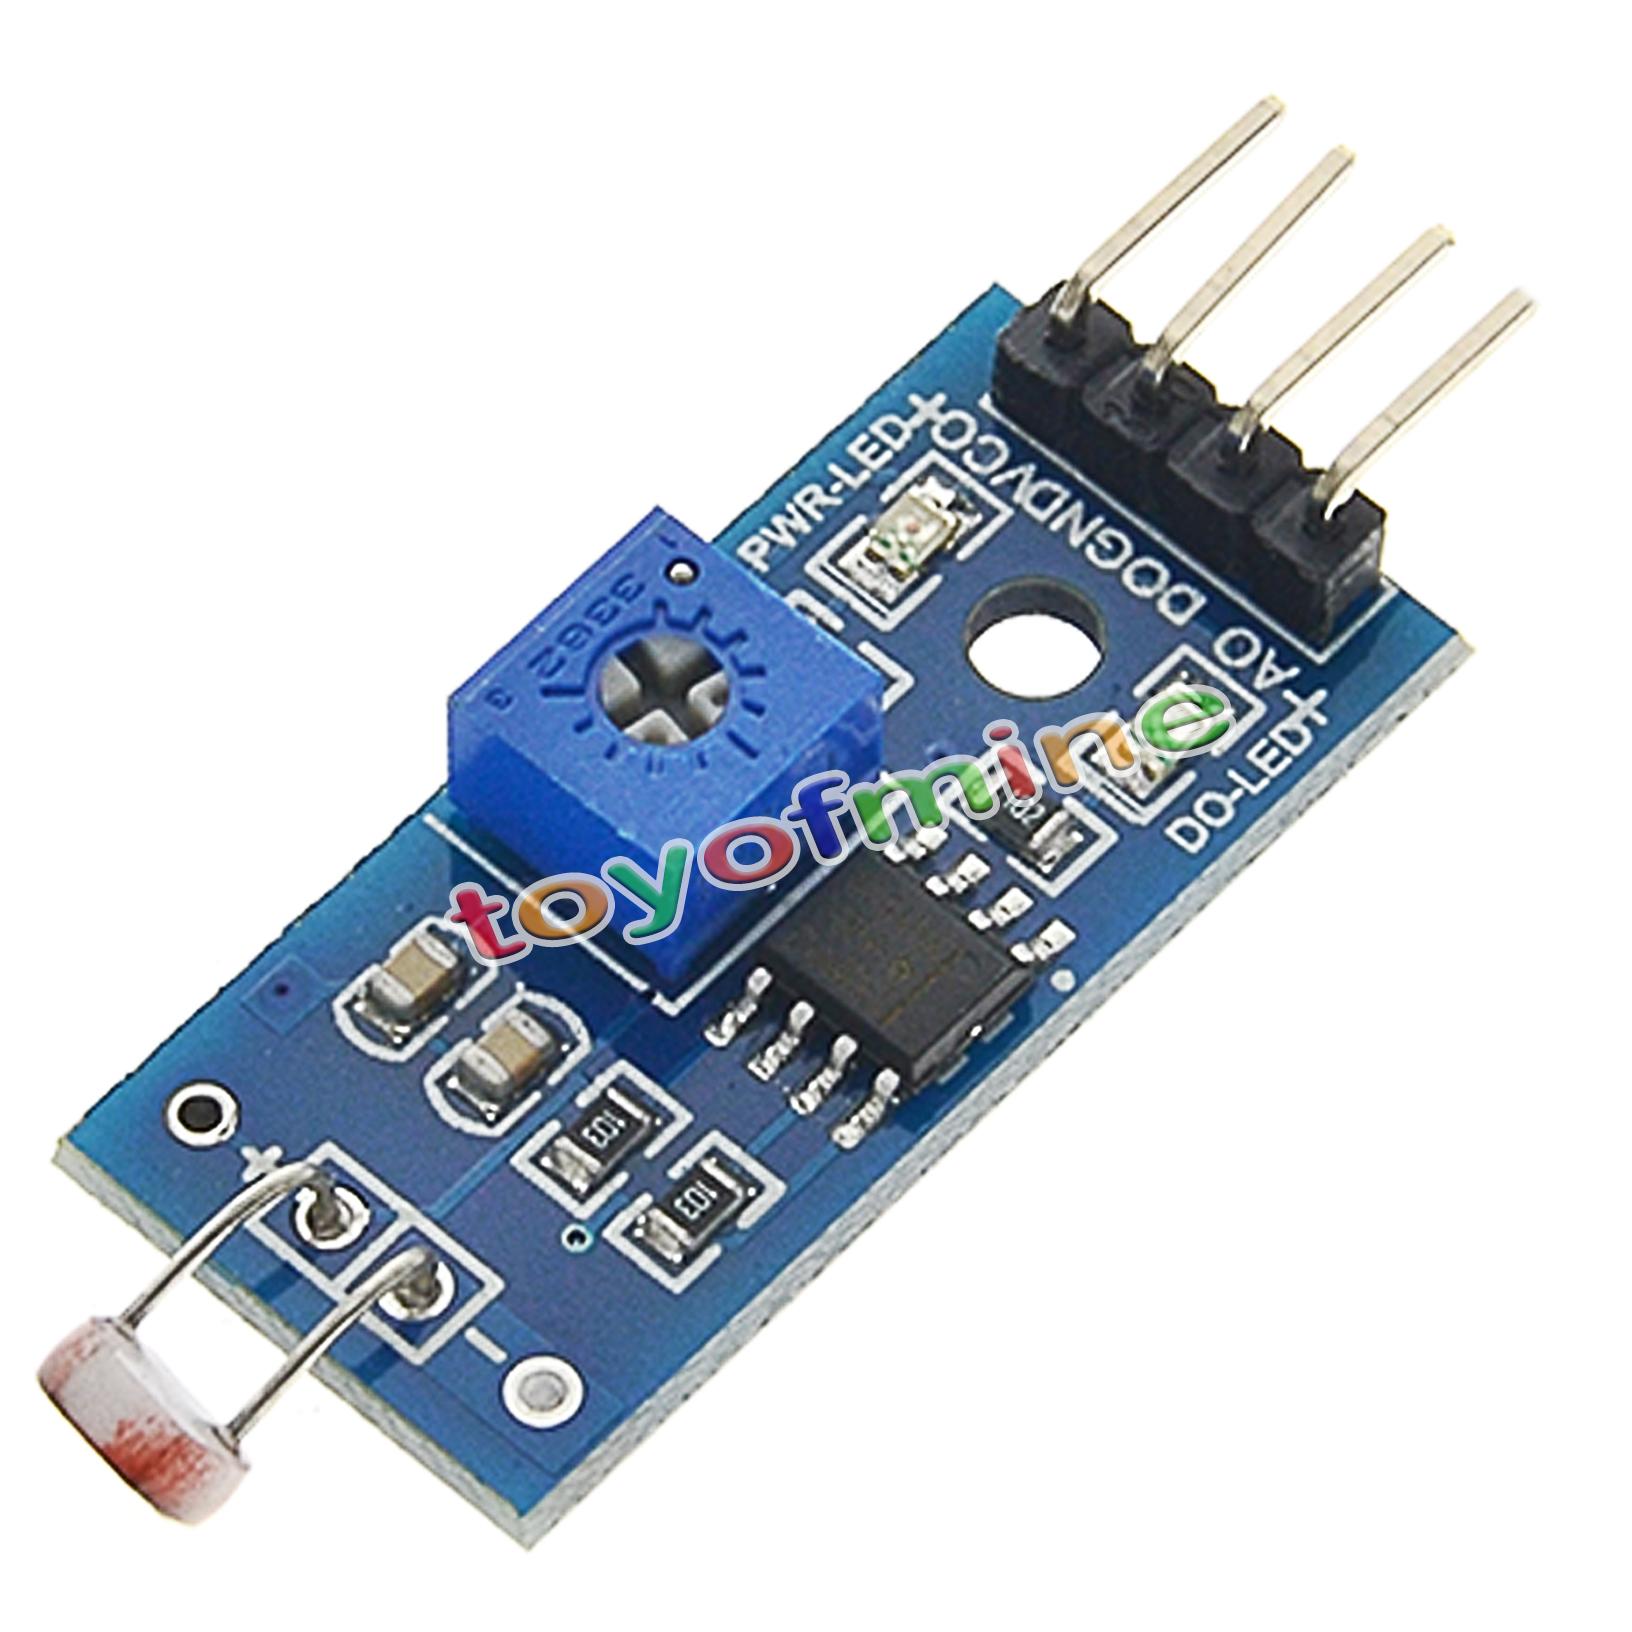 Digital light intensity sensor module photo resistor for